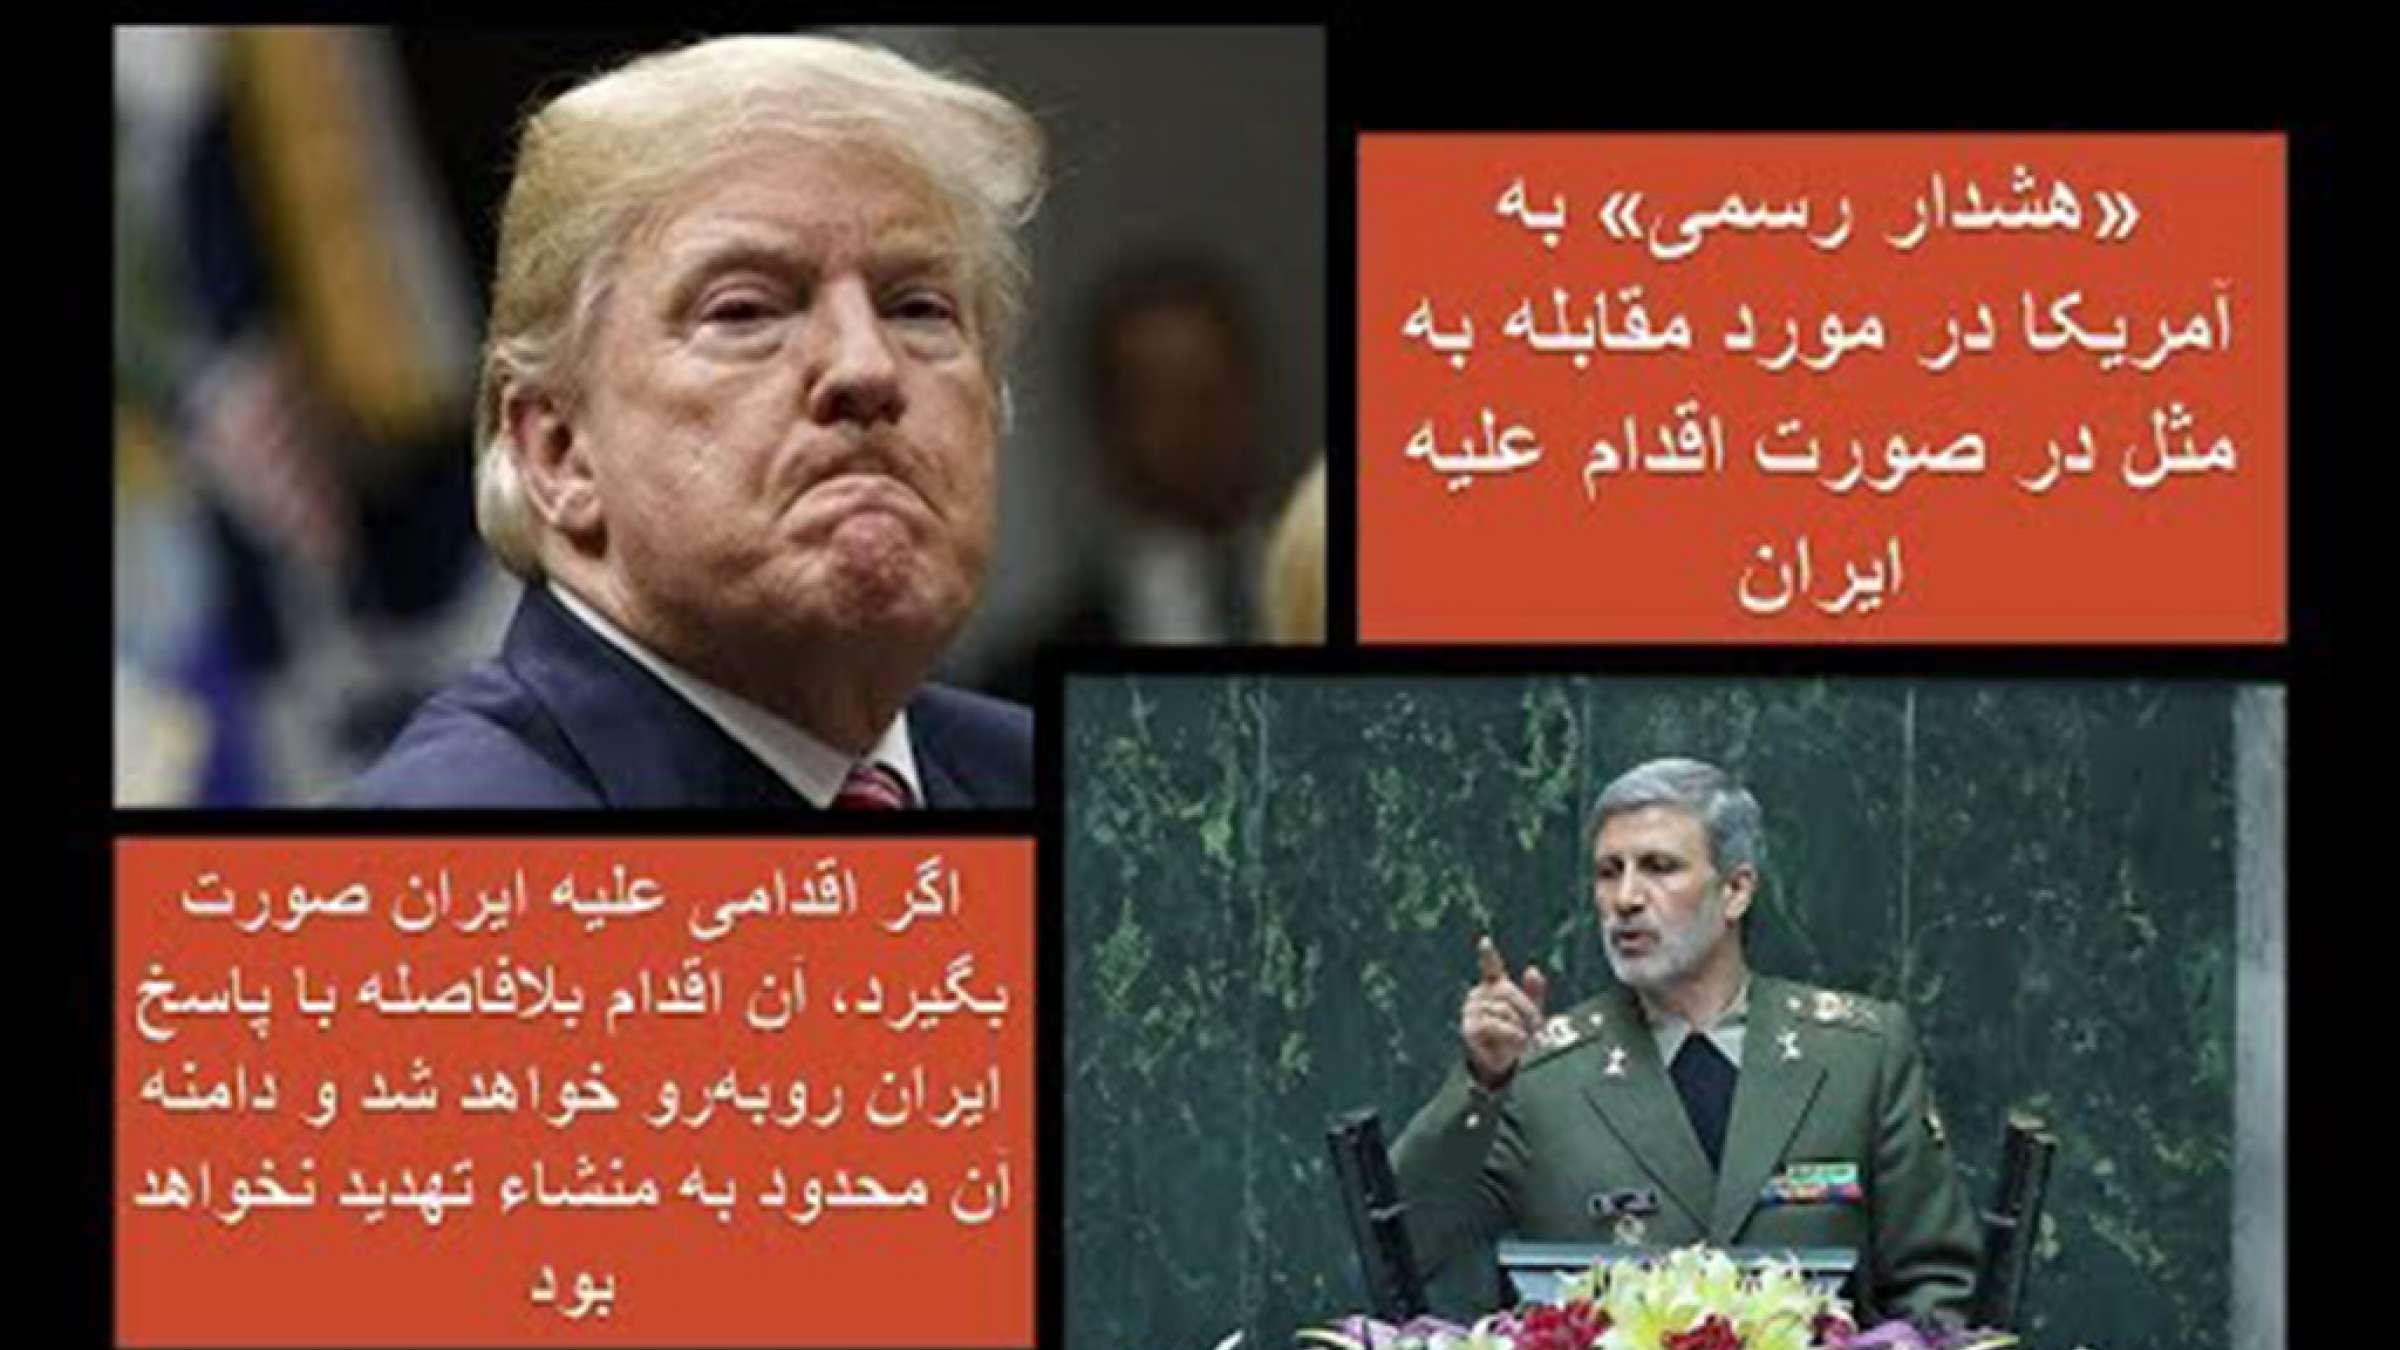 اقتصاد-تنباکویی-هشدار-رسمی-ایران-به-آمریکا-در-صورت-حمله